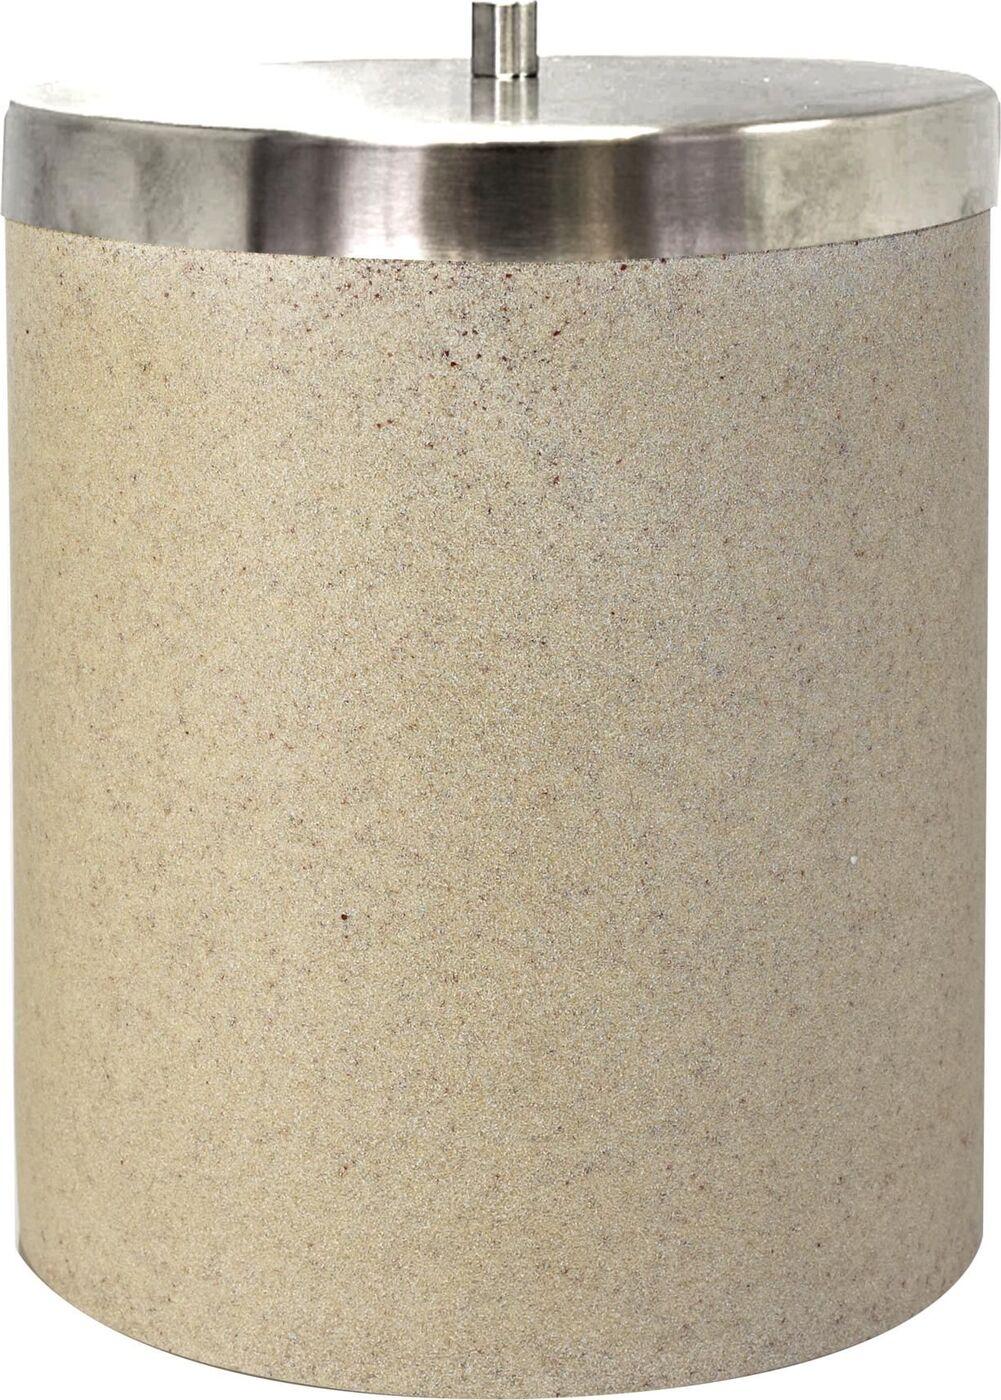 Ведро мусорное Ridder Stone, цвет: бежевый, 5 л стакан для ванной комнаты ridder stone цвет бежевый